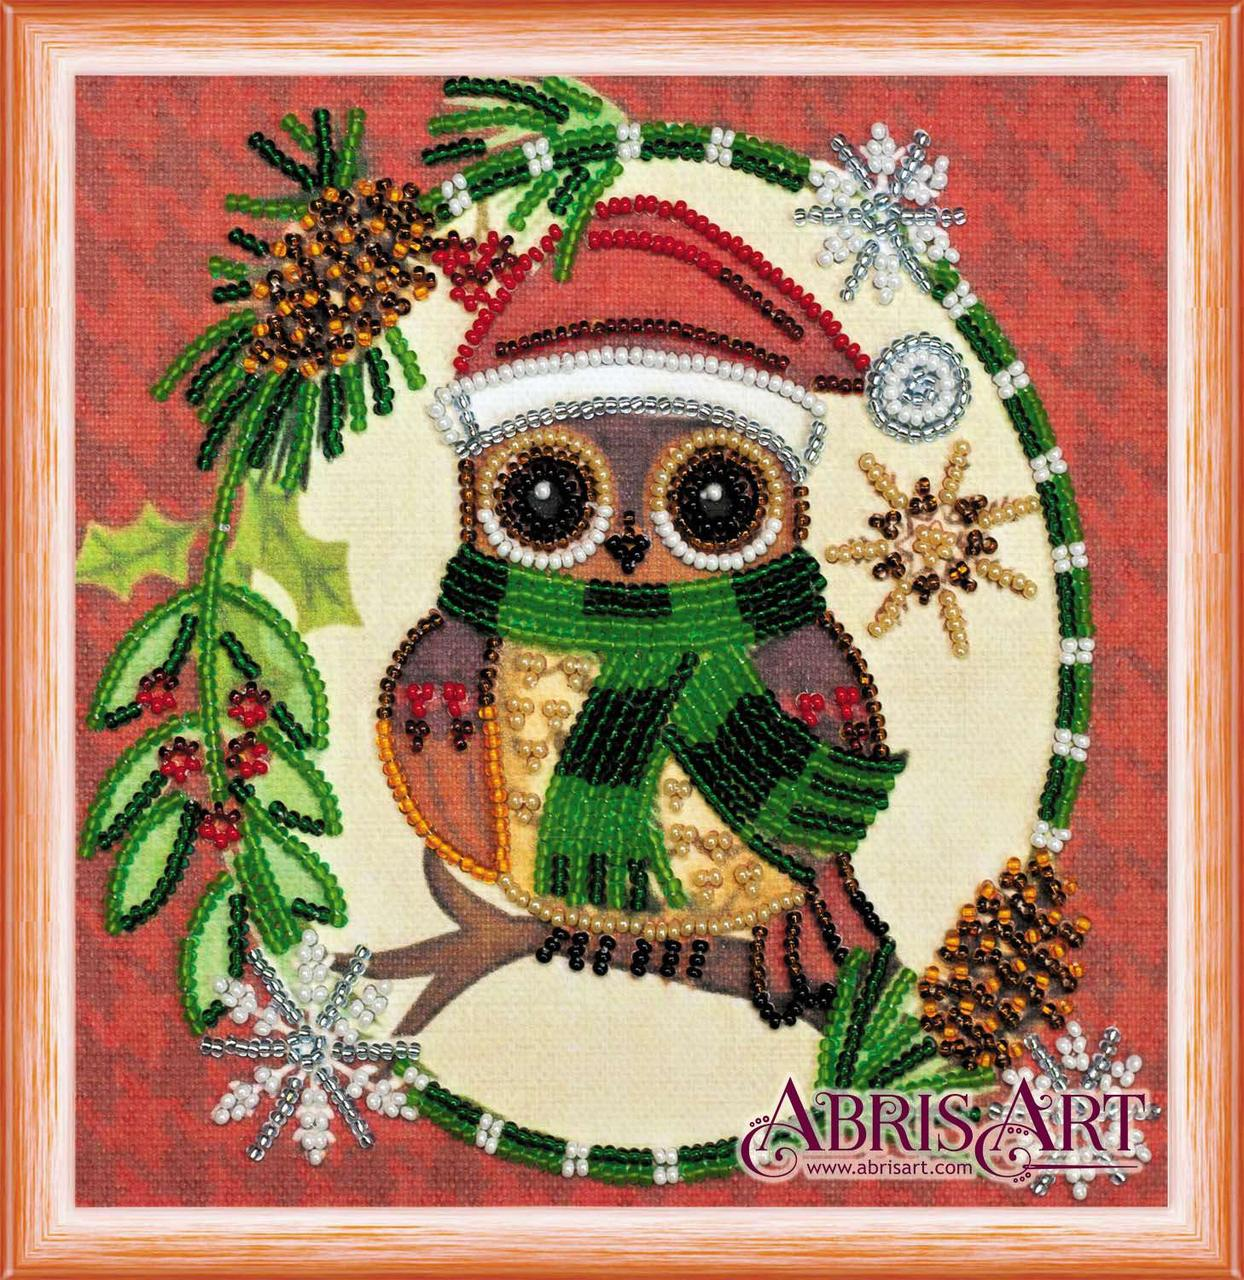 Набор для вышивки бисером ТМ АБрис Арт на натуральном художественном холсте Новогодний мотив